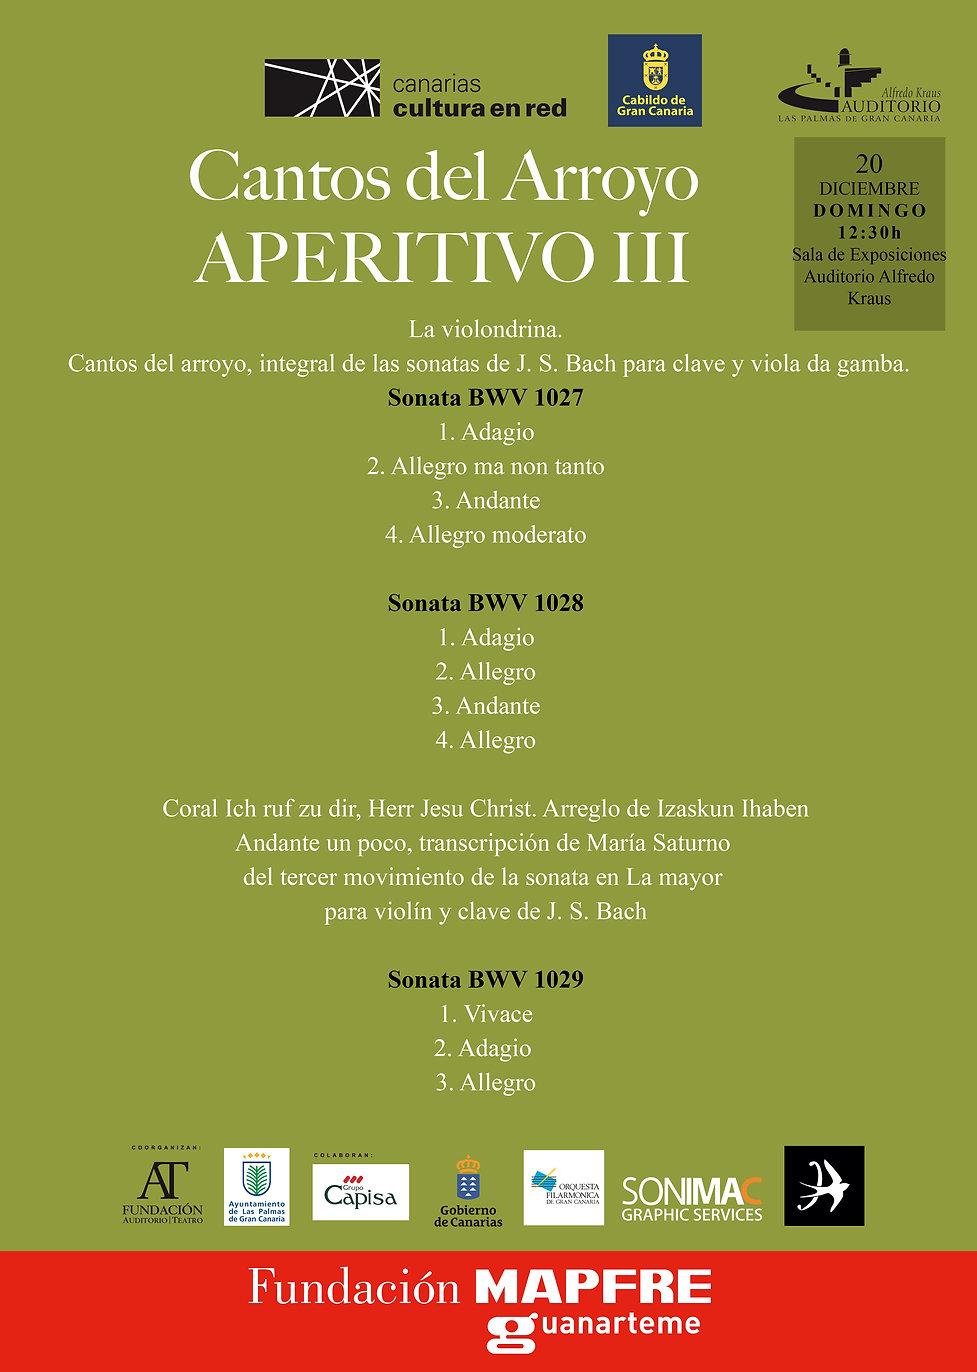 Aperitivo III.jpg